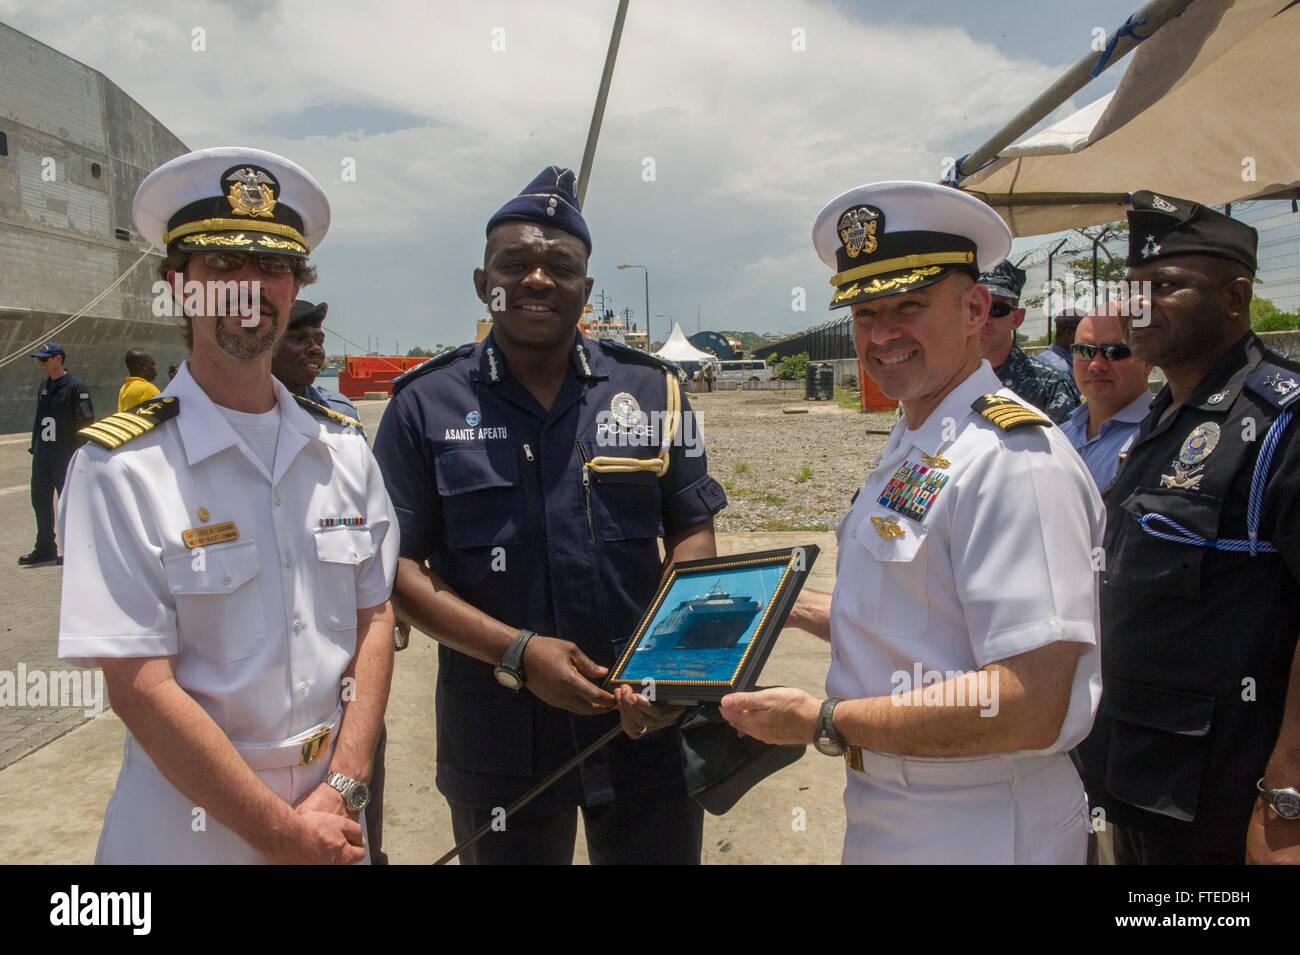 140411-N-ZY039-146 SEKONDI, Ghana (April 11, 2014) - U.S. Navy Capt. Marc Lederer, mission commander aboard joint, - Stock Image